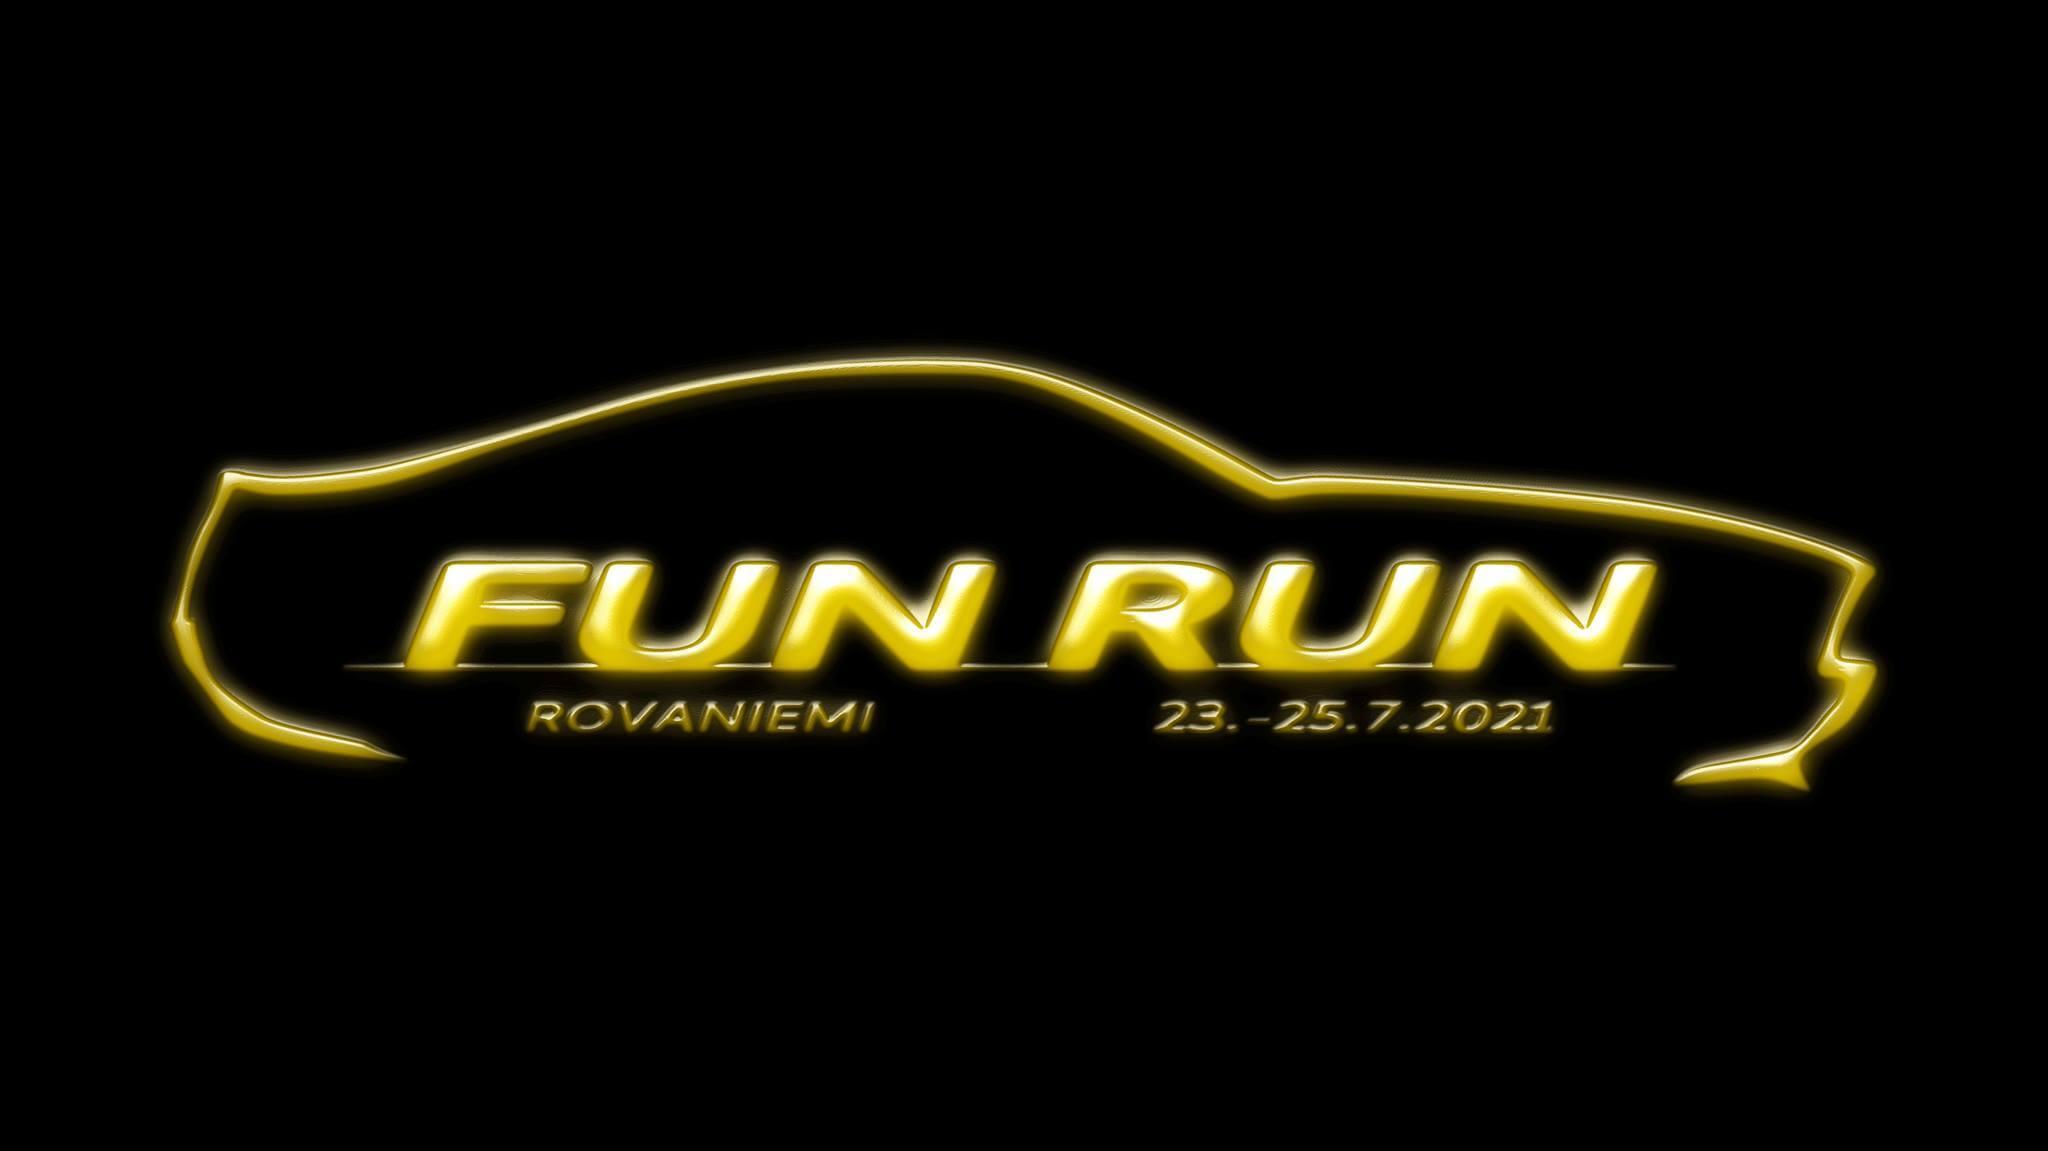 Mustang kerhon FunRun 2021 Rovaniemi mainos